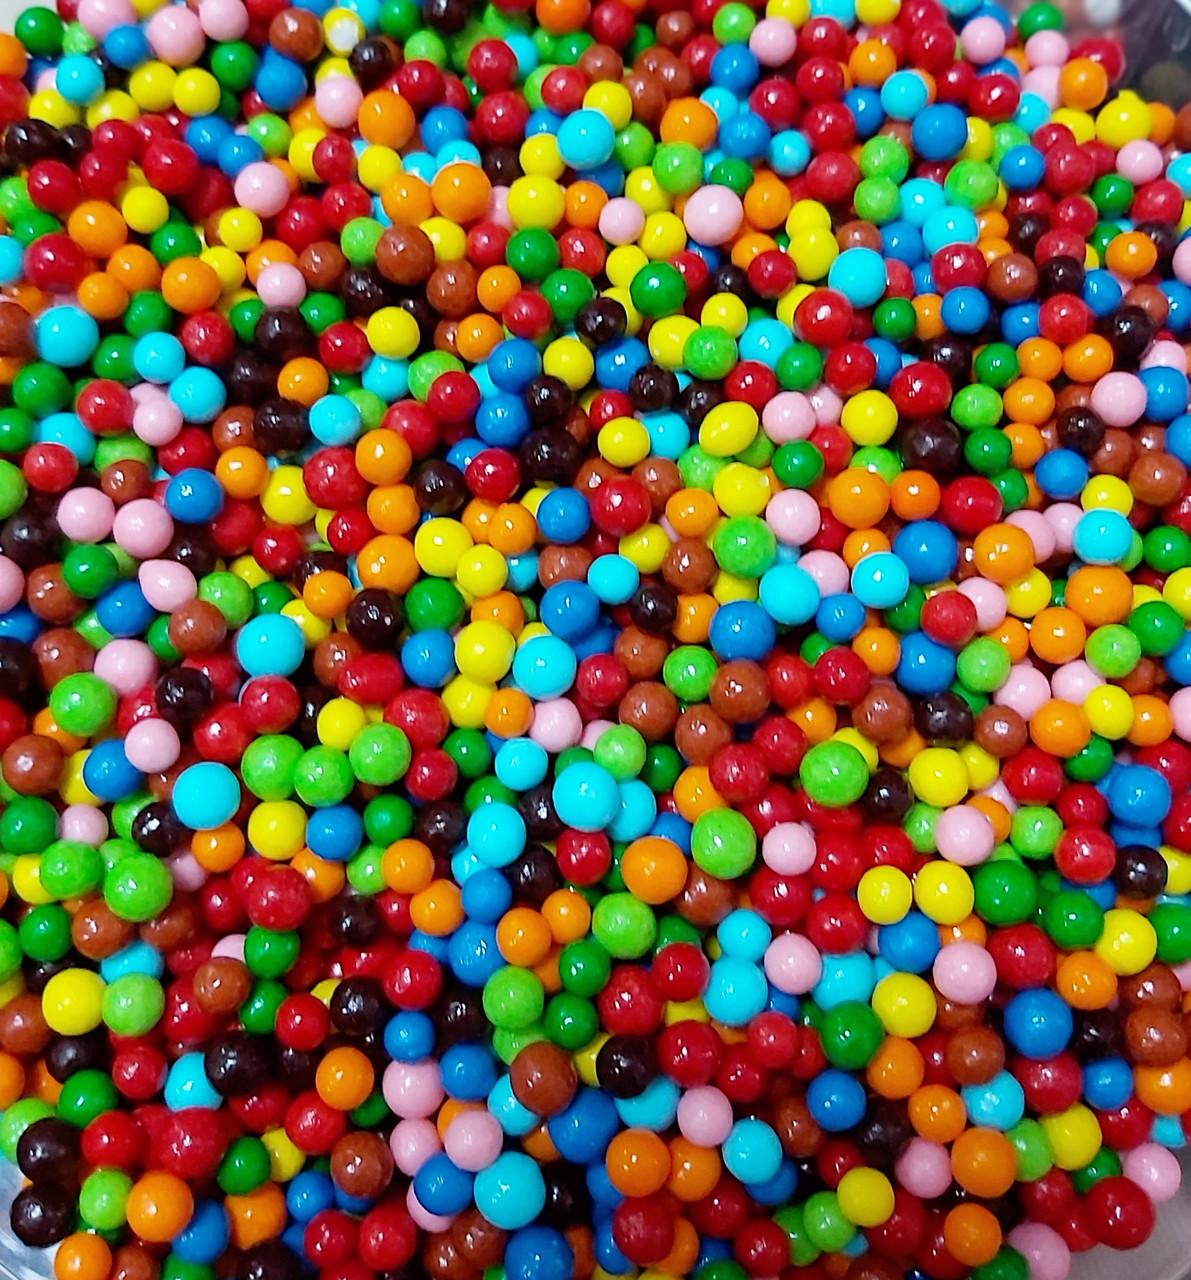 Присипка кондитерська Кульки Дзеркальні Мікс 2-14 мм, фіолетово-бузковий